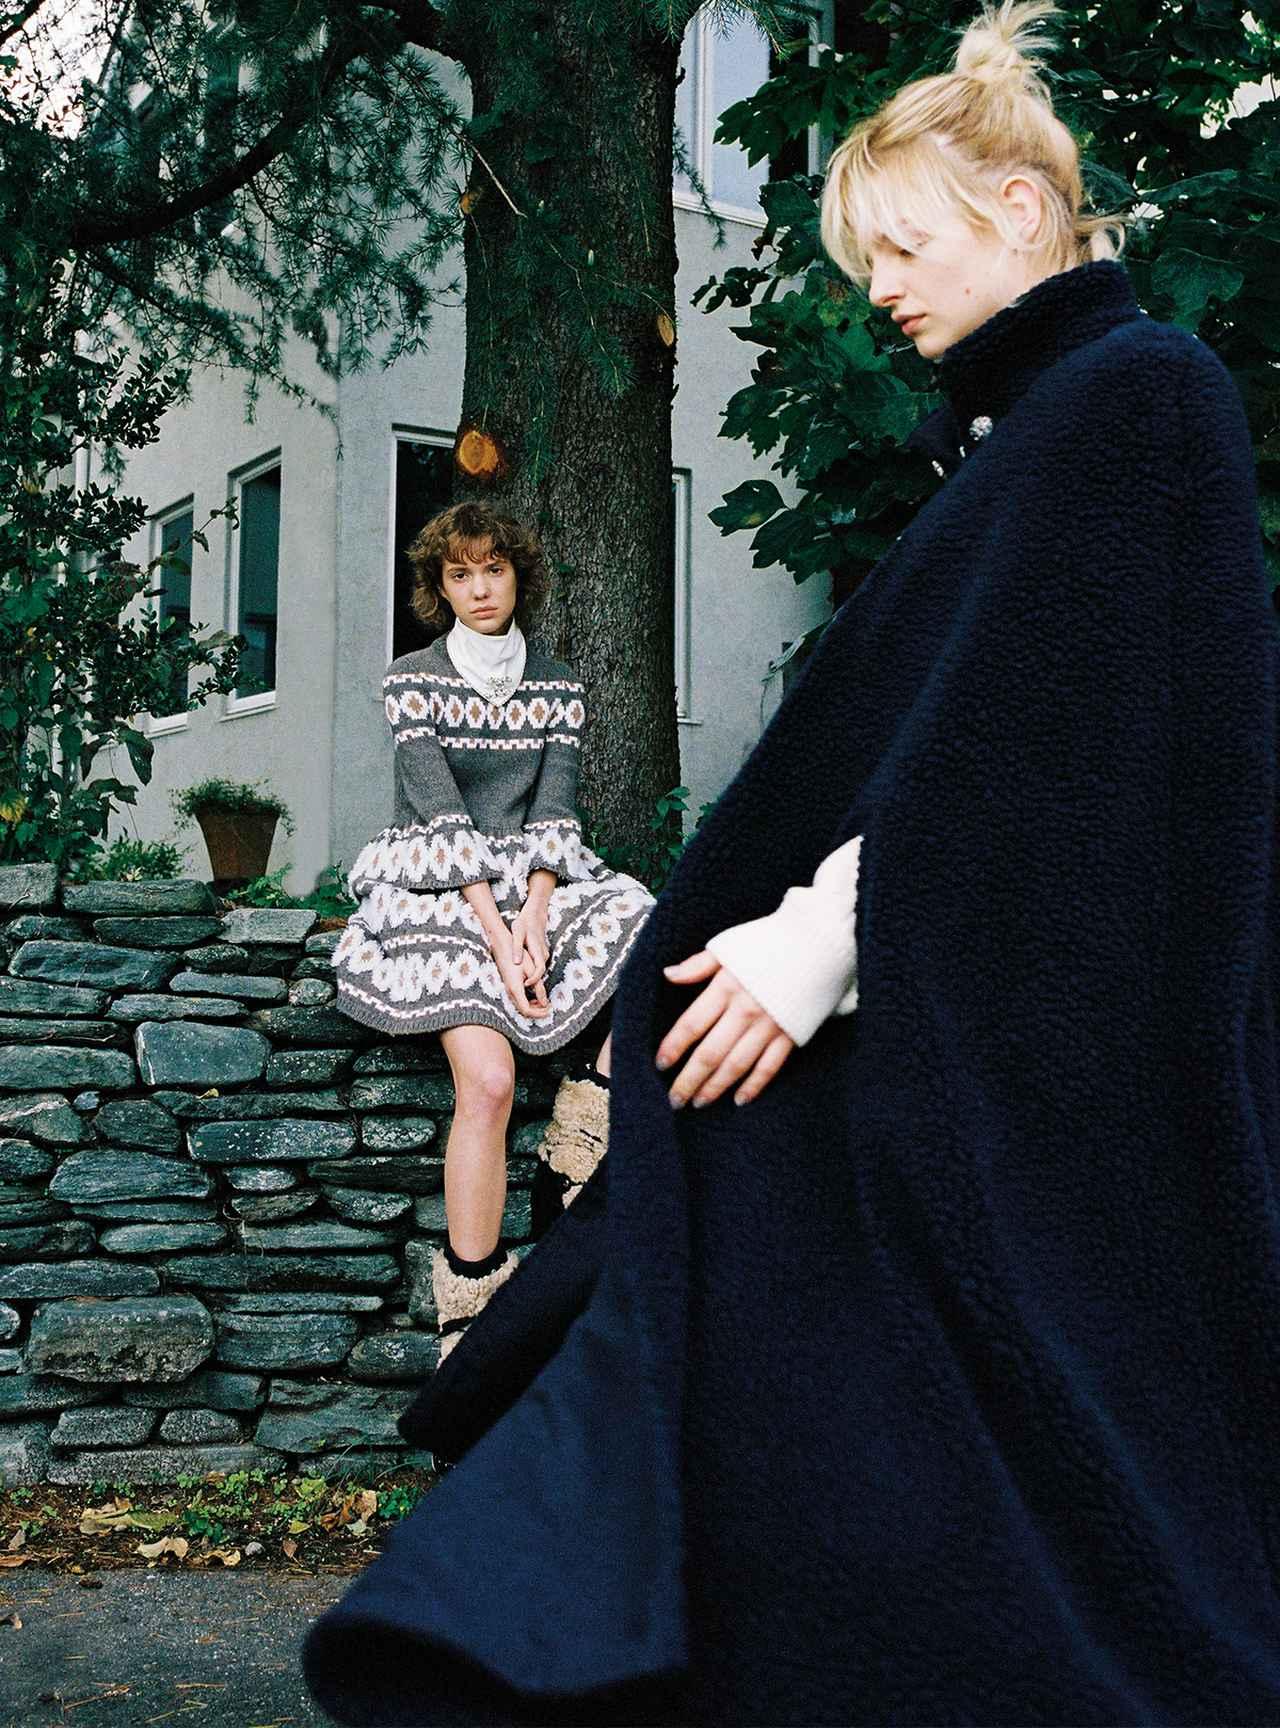 Images : 4番目の画像 - 「モコモコ、ふんわり。 包まれたいのは サスティナブルなぬくもり」のアルバム - T JAPAN:The New York Times Style Magazine 公式サイト